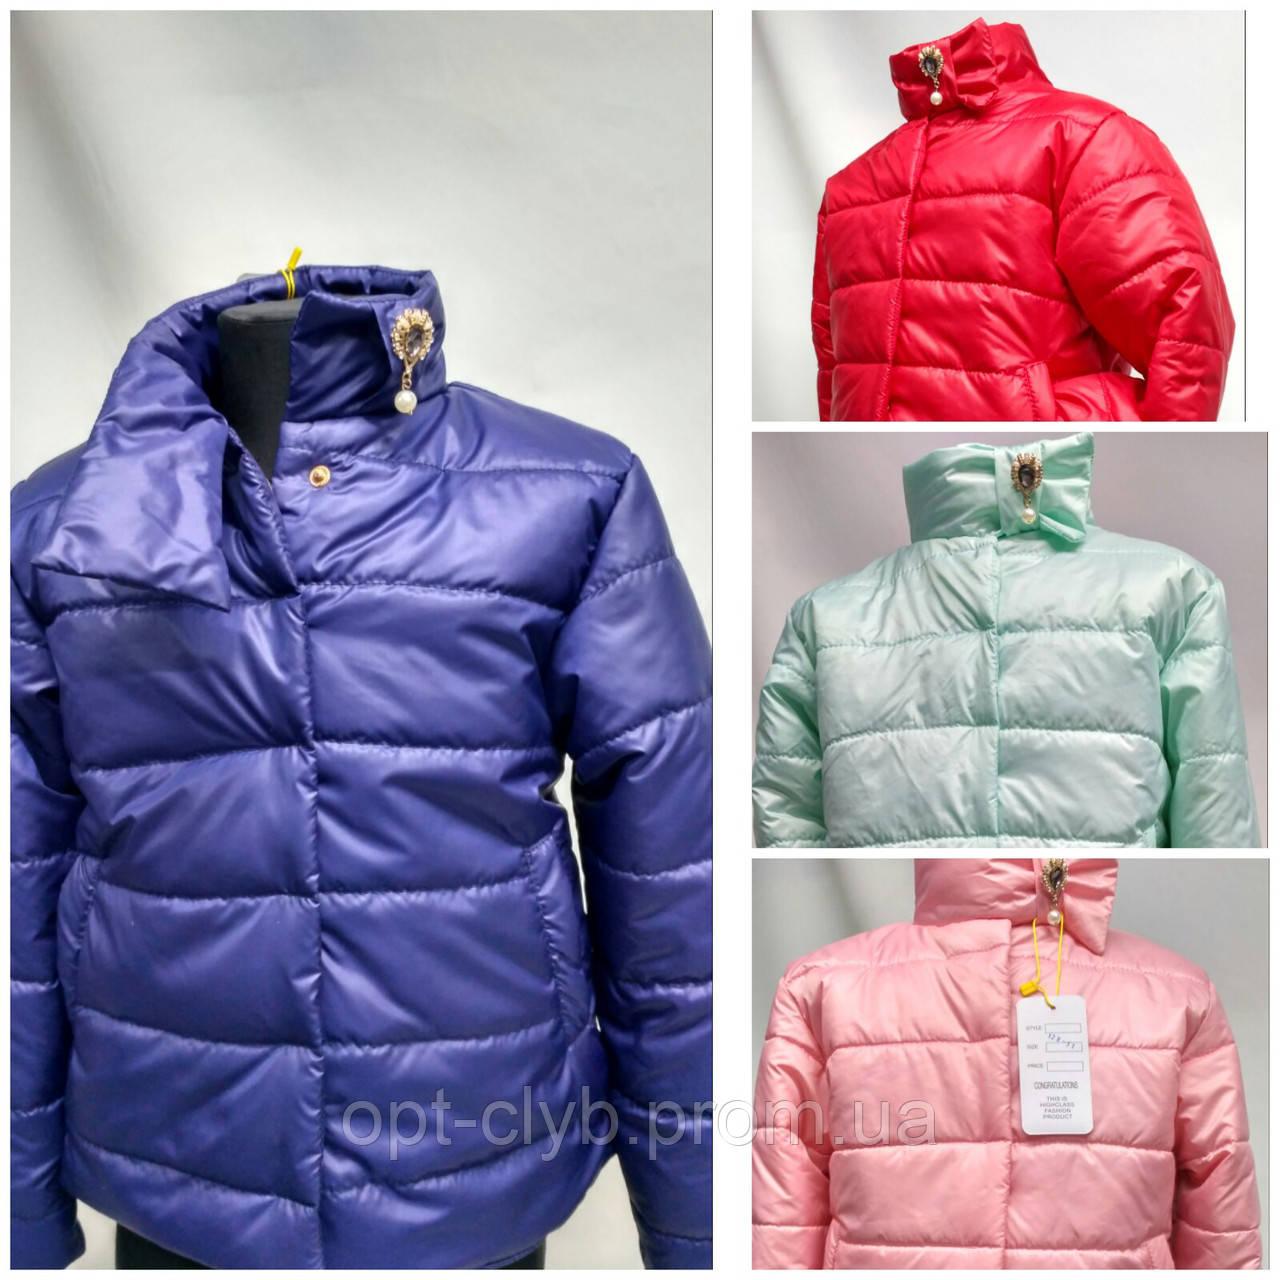 200bb2f10b93 Куртка детская